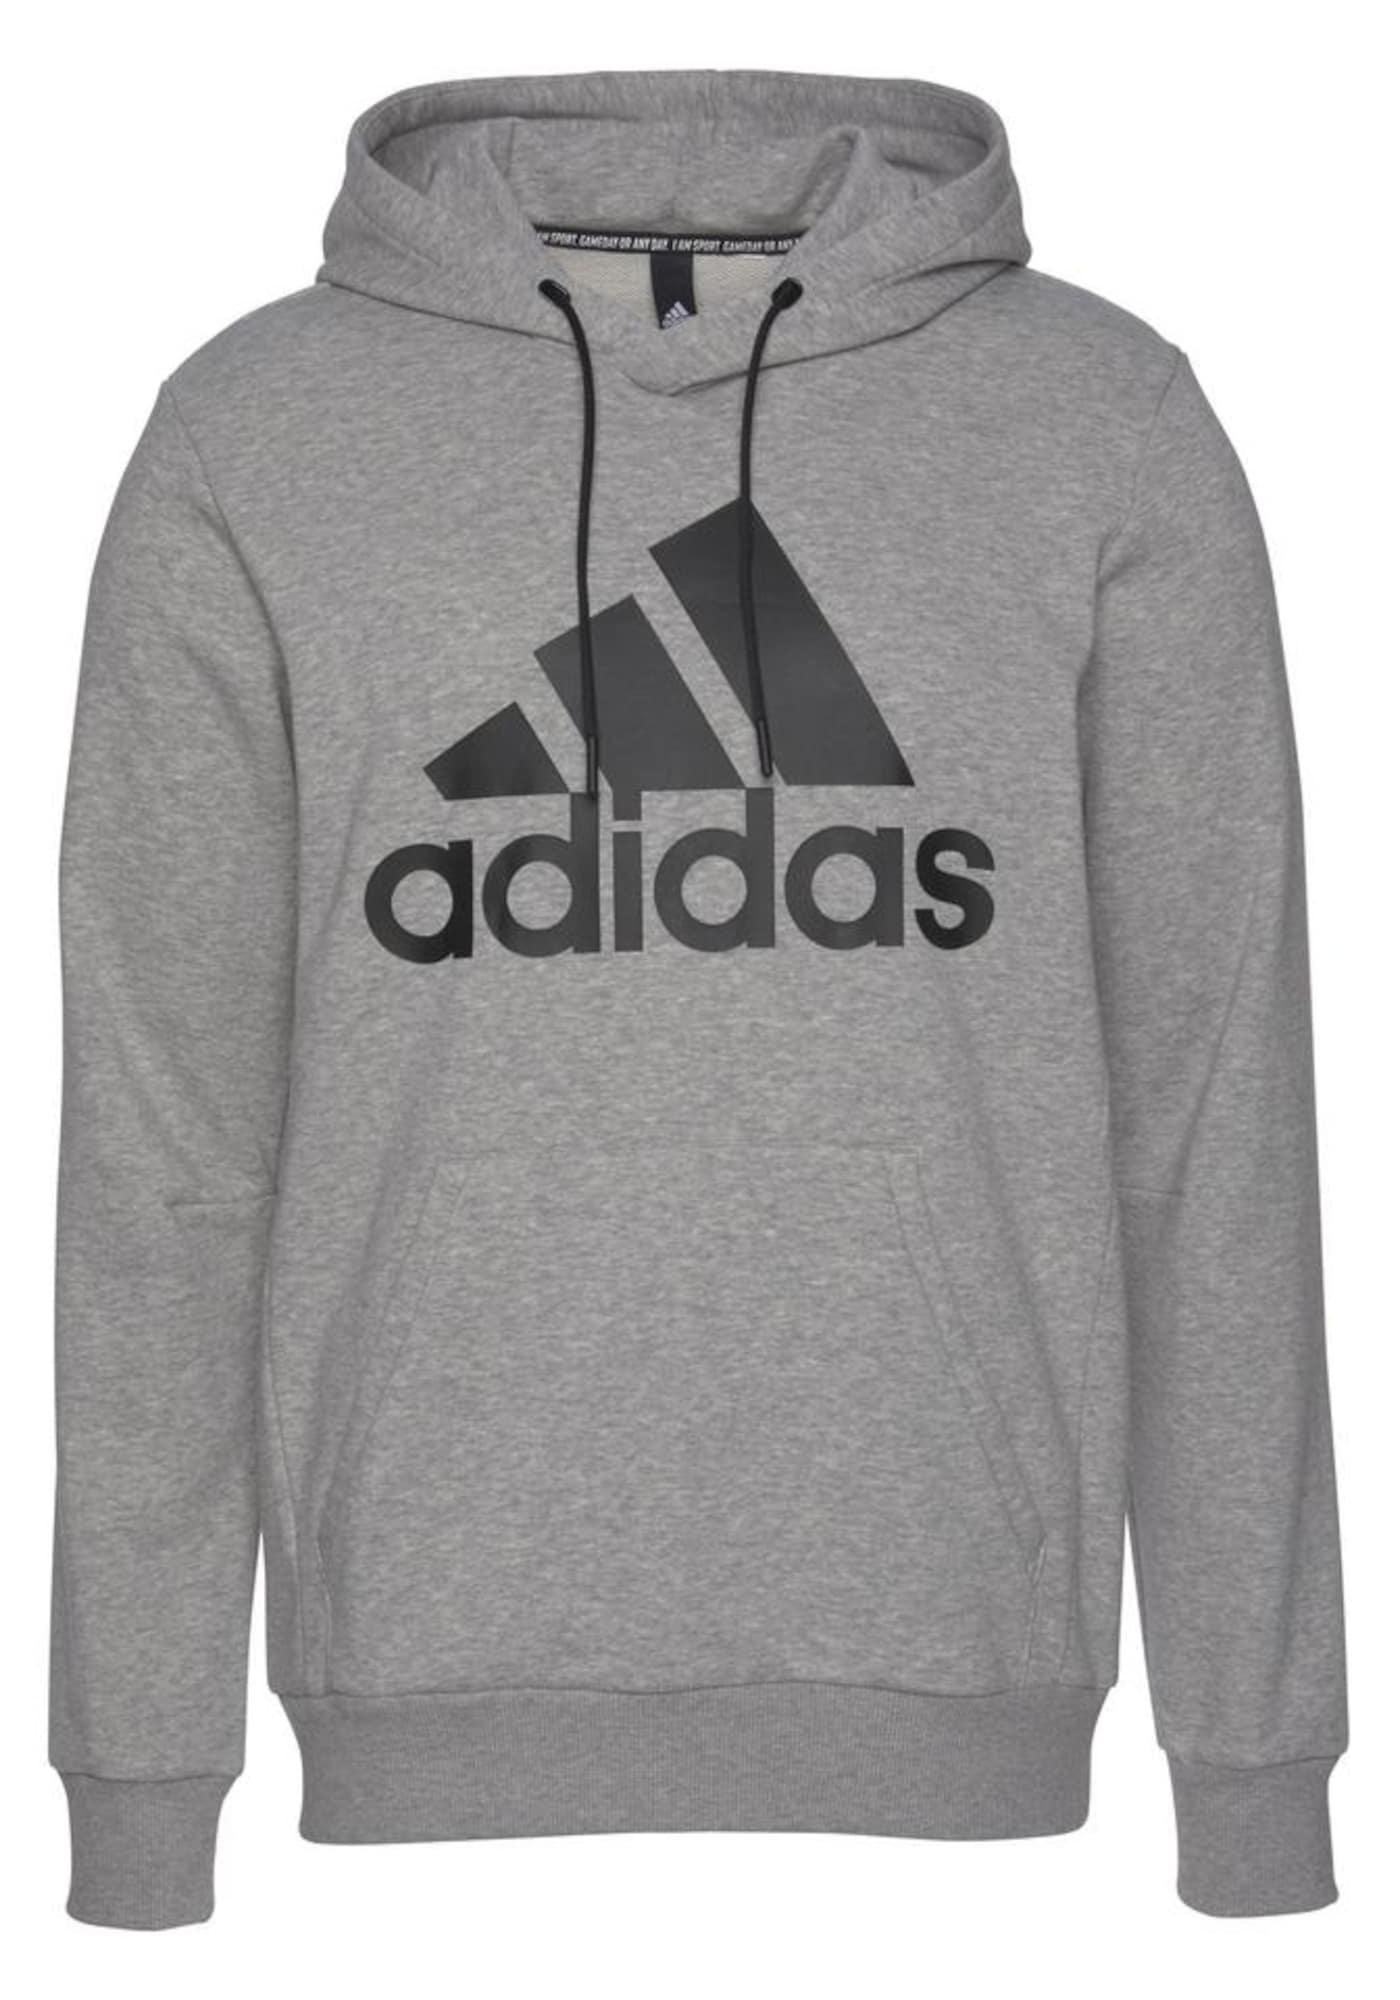 ADIDAS PERFORMANCE Sportinio tipo megztinis 'Bos Po Ft' juoda / pilka